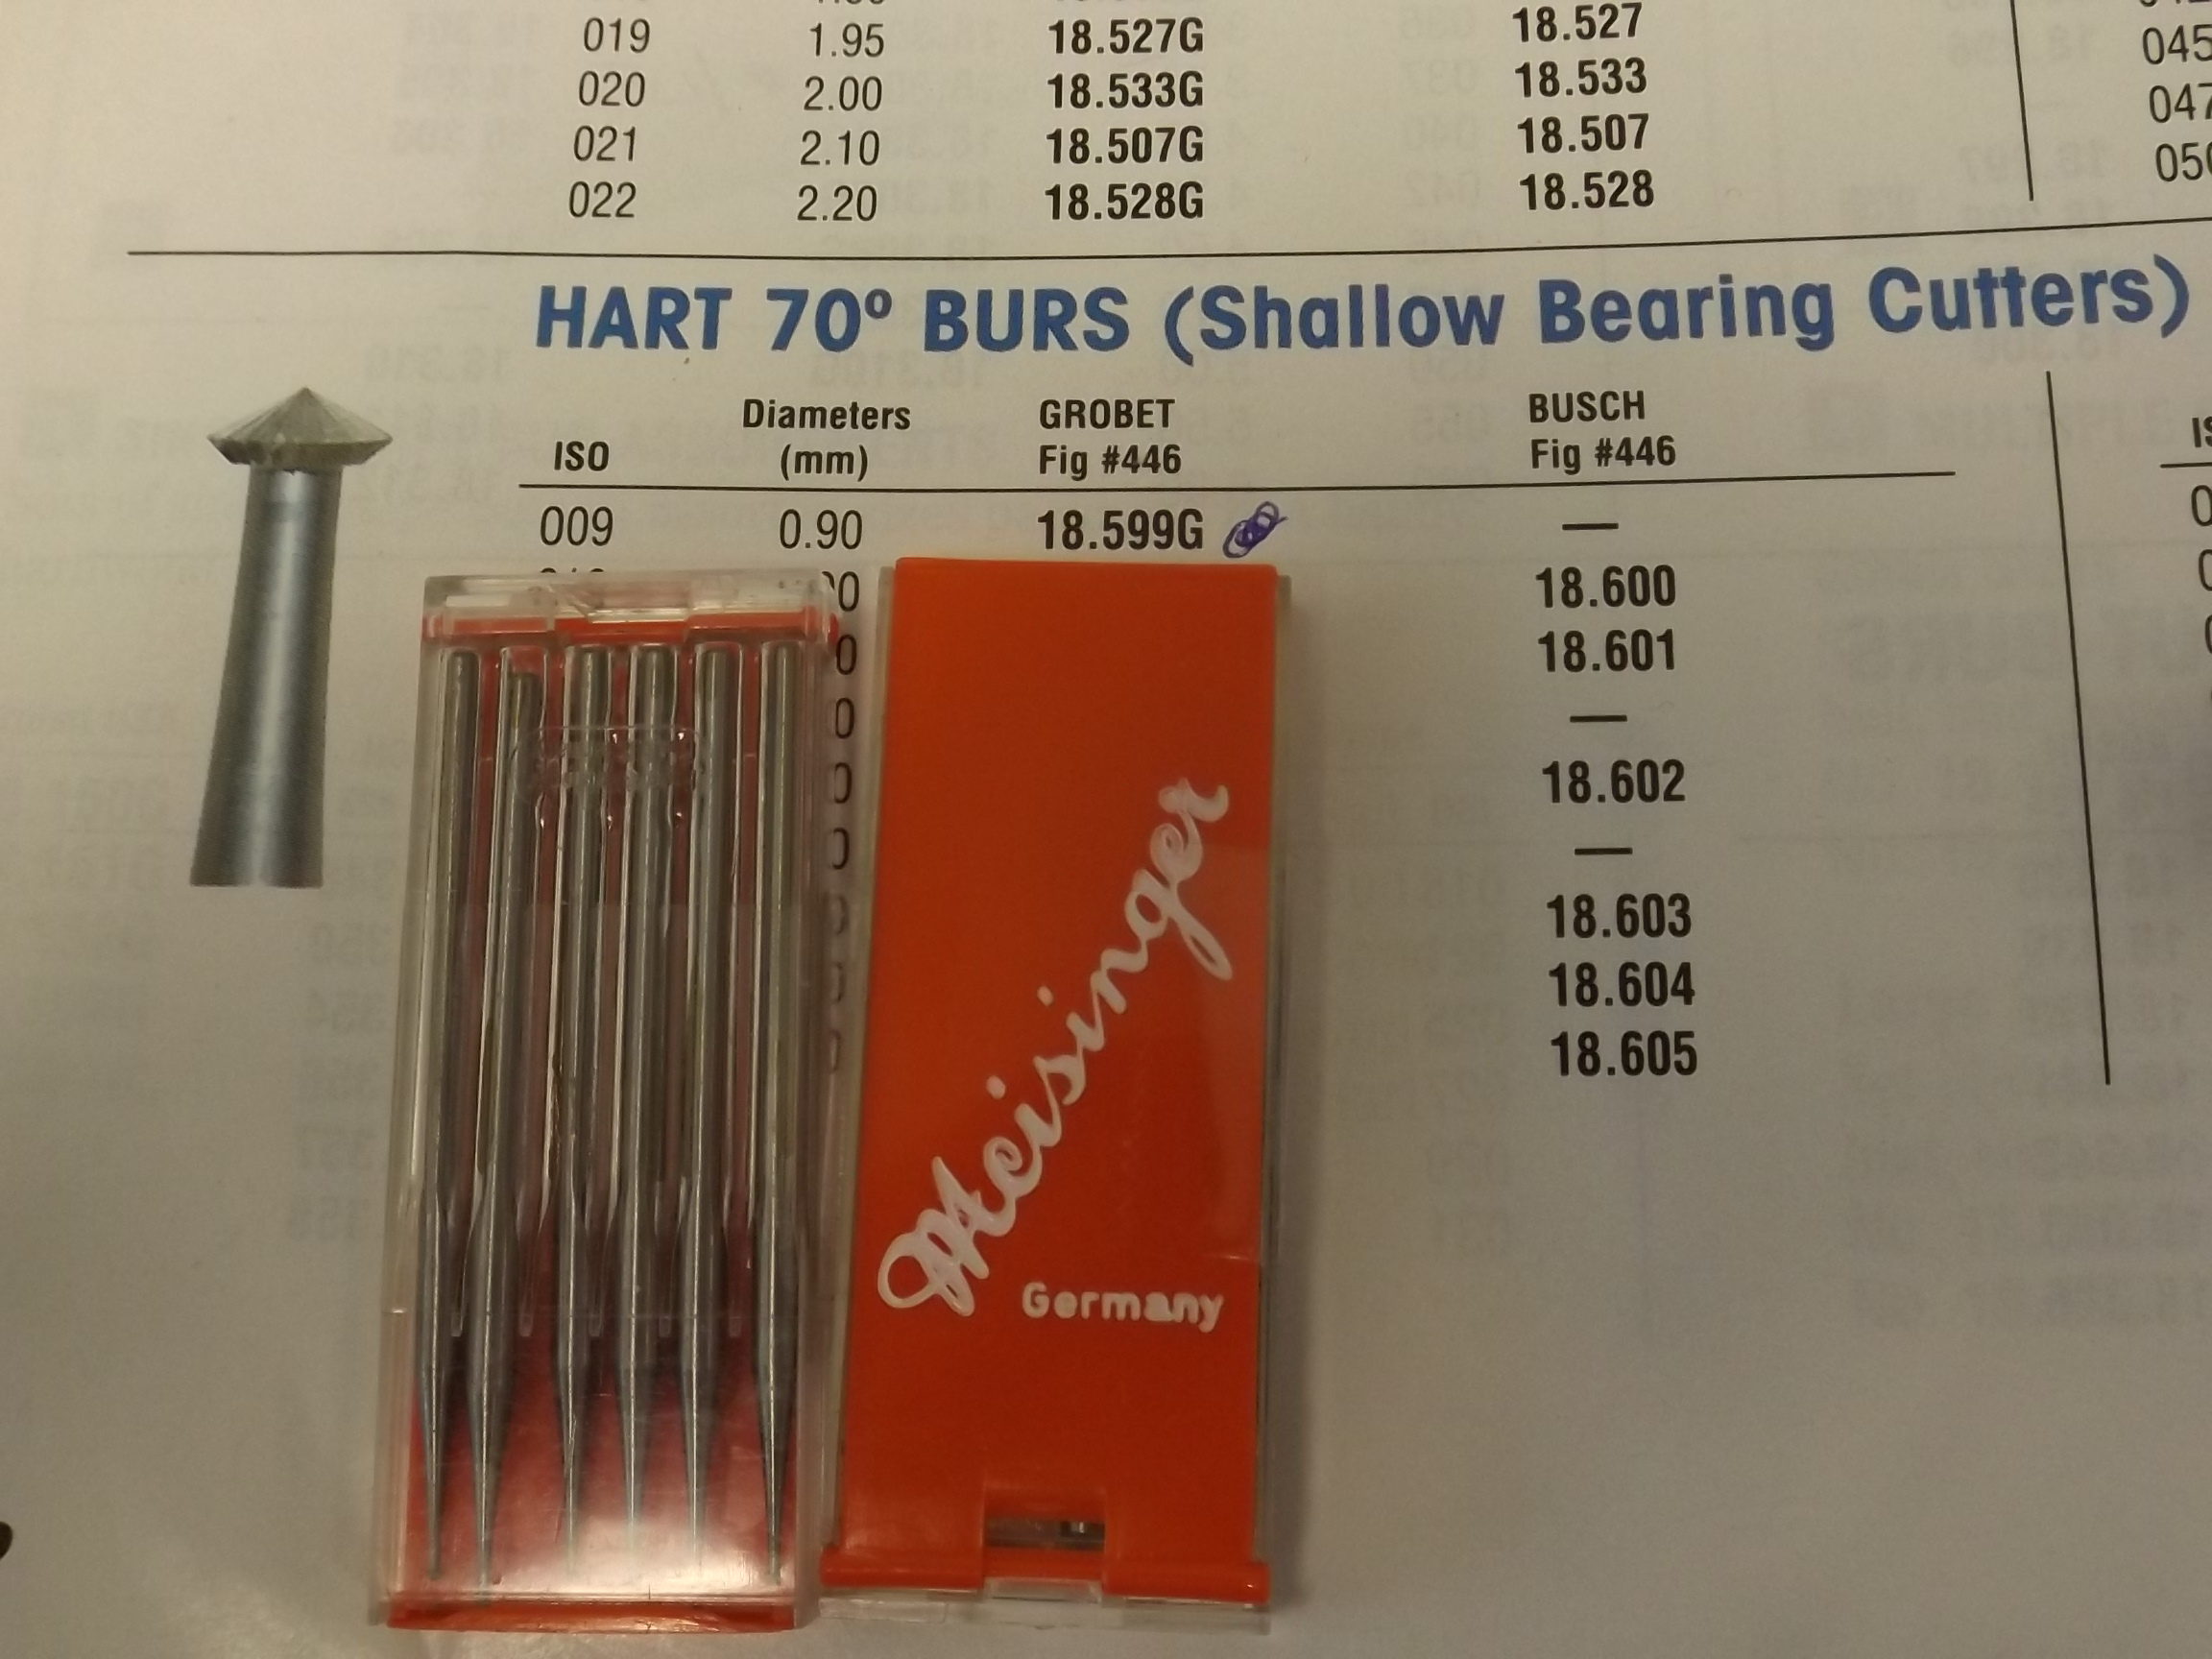 BR18.599G Hart 70* (Bearing Cutters) Burs- Meisinger Brand--2 pkg's of 6 left!